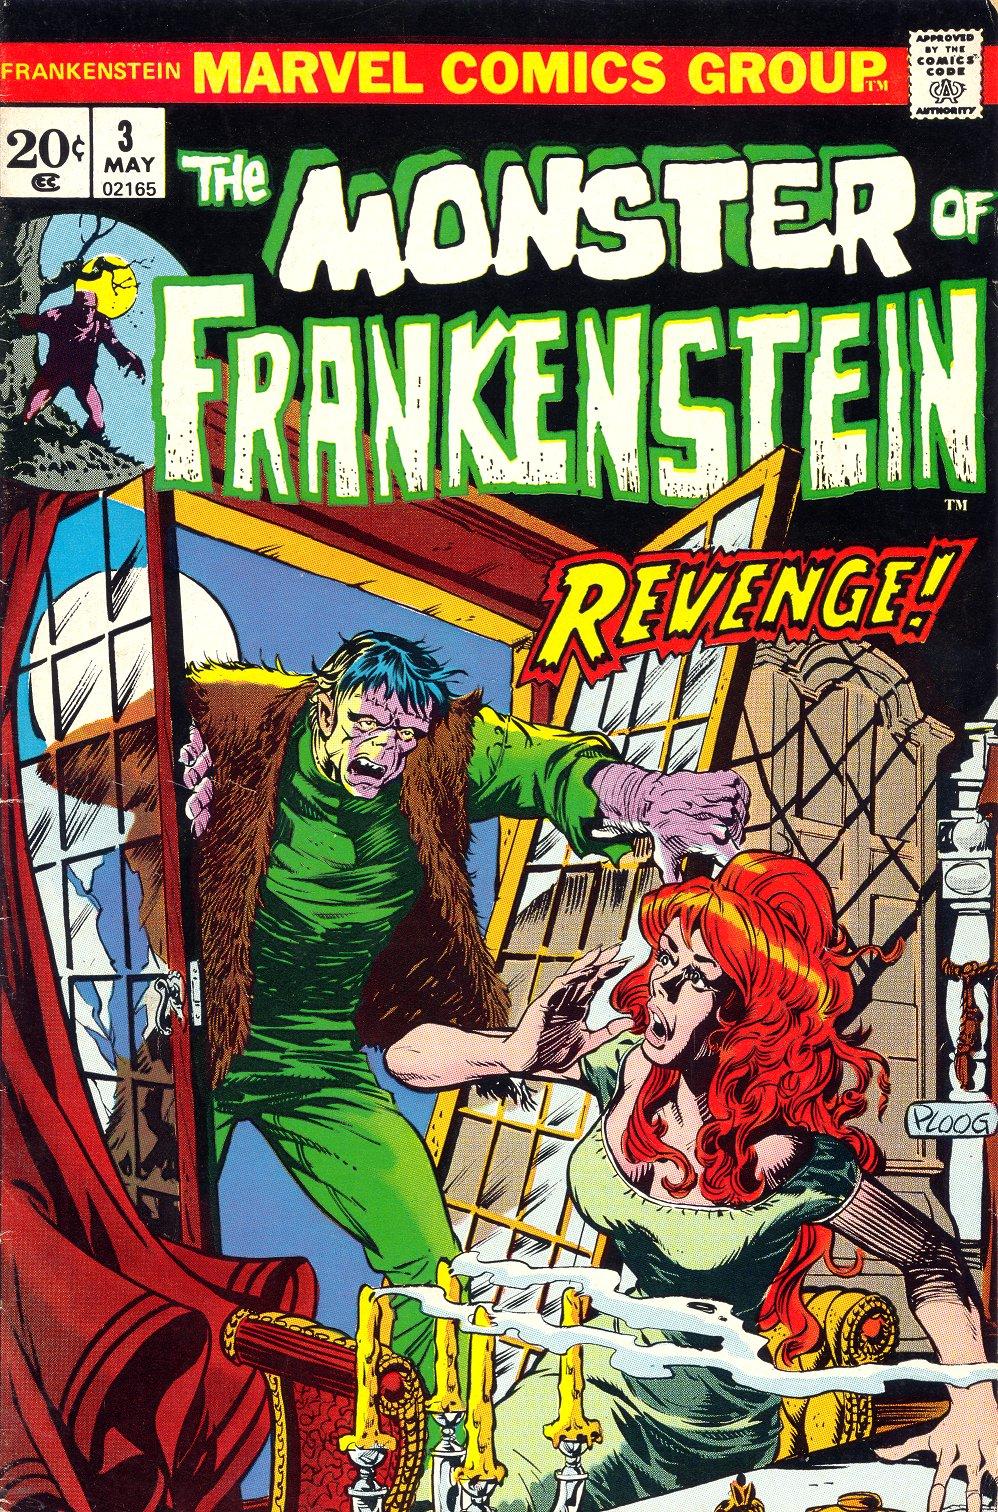 Frankenstein (1973) issue 3 - Page 1